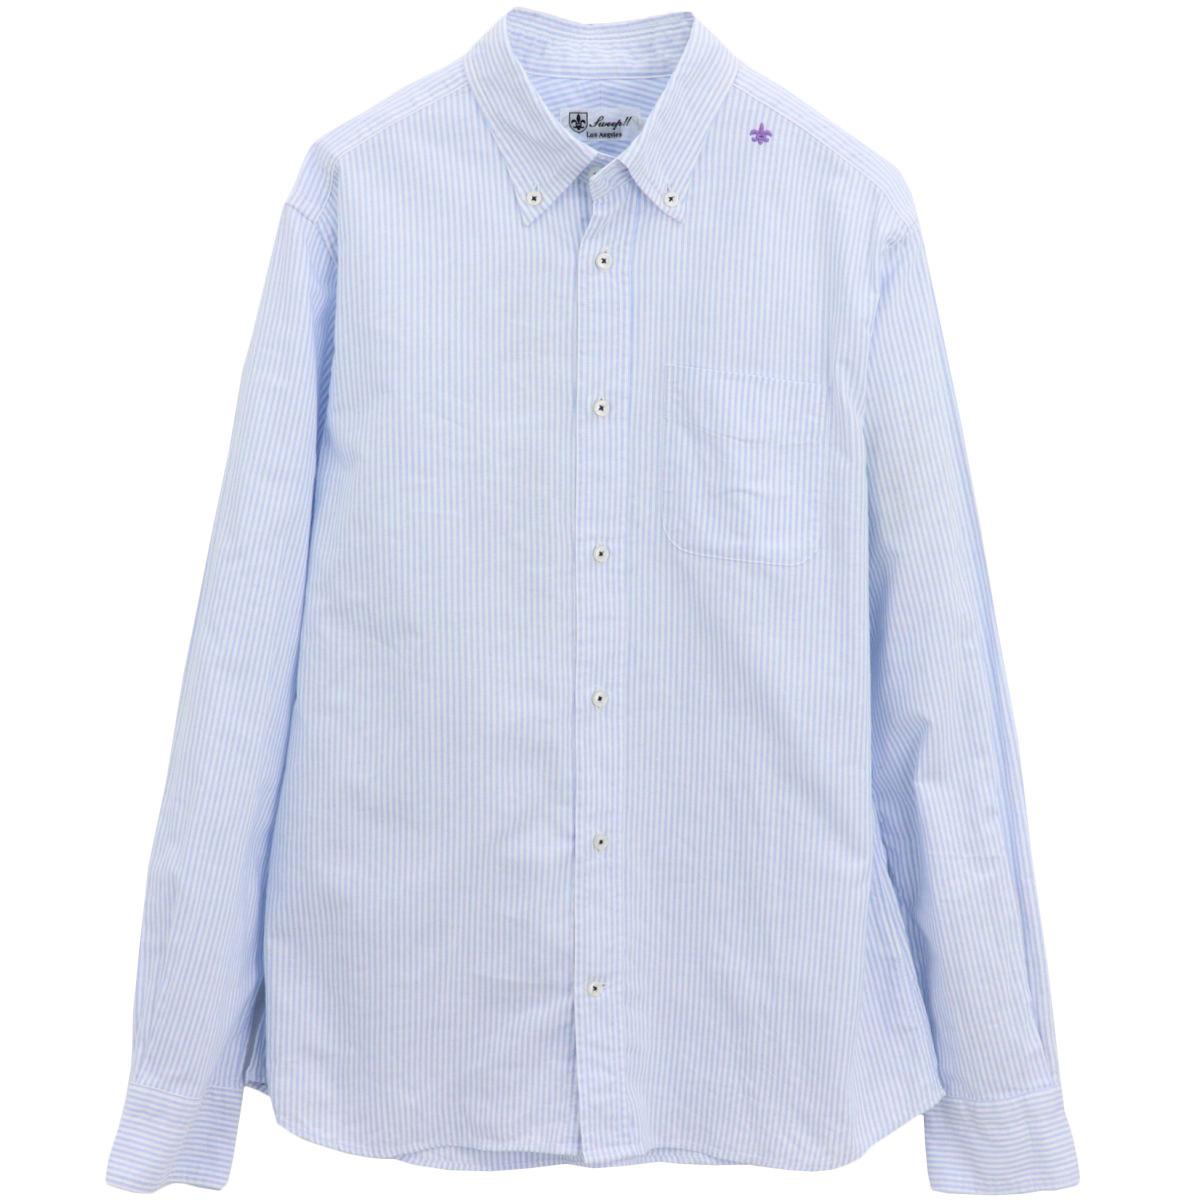 鹿の子 レギュラーカラー ポロシャツ(BLACK)